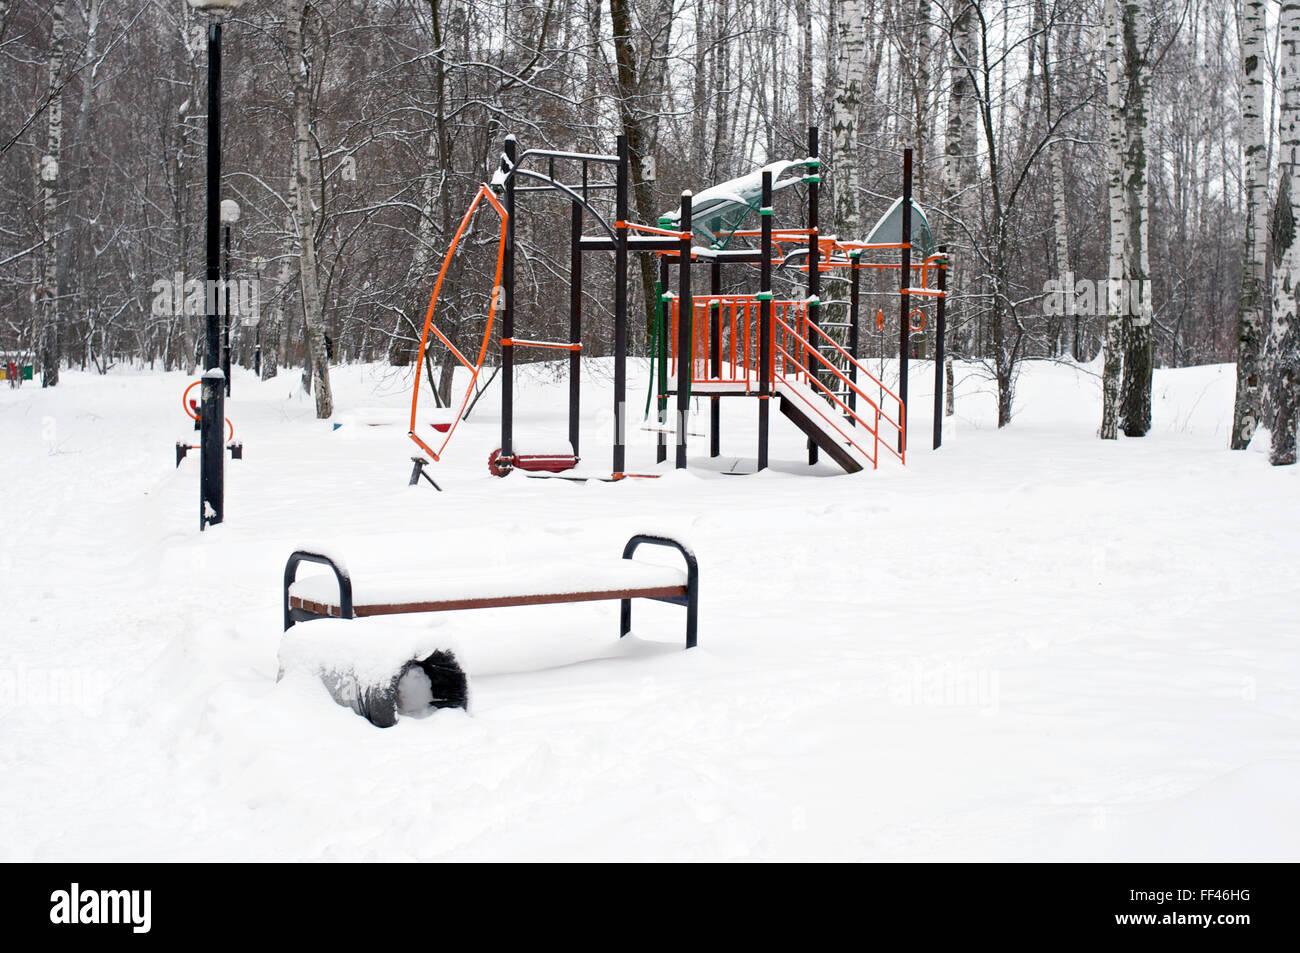 Banc et l'équipement d'exercice avec beaucoup de neige Photo Stock